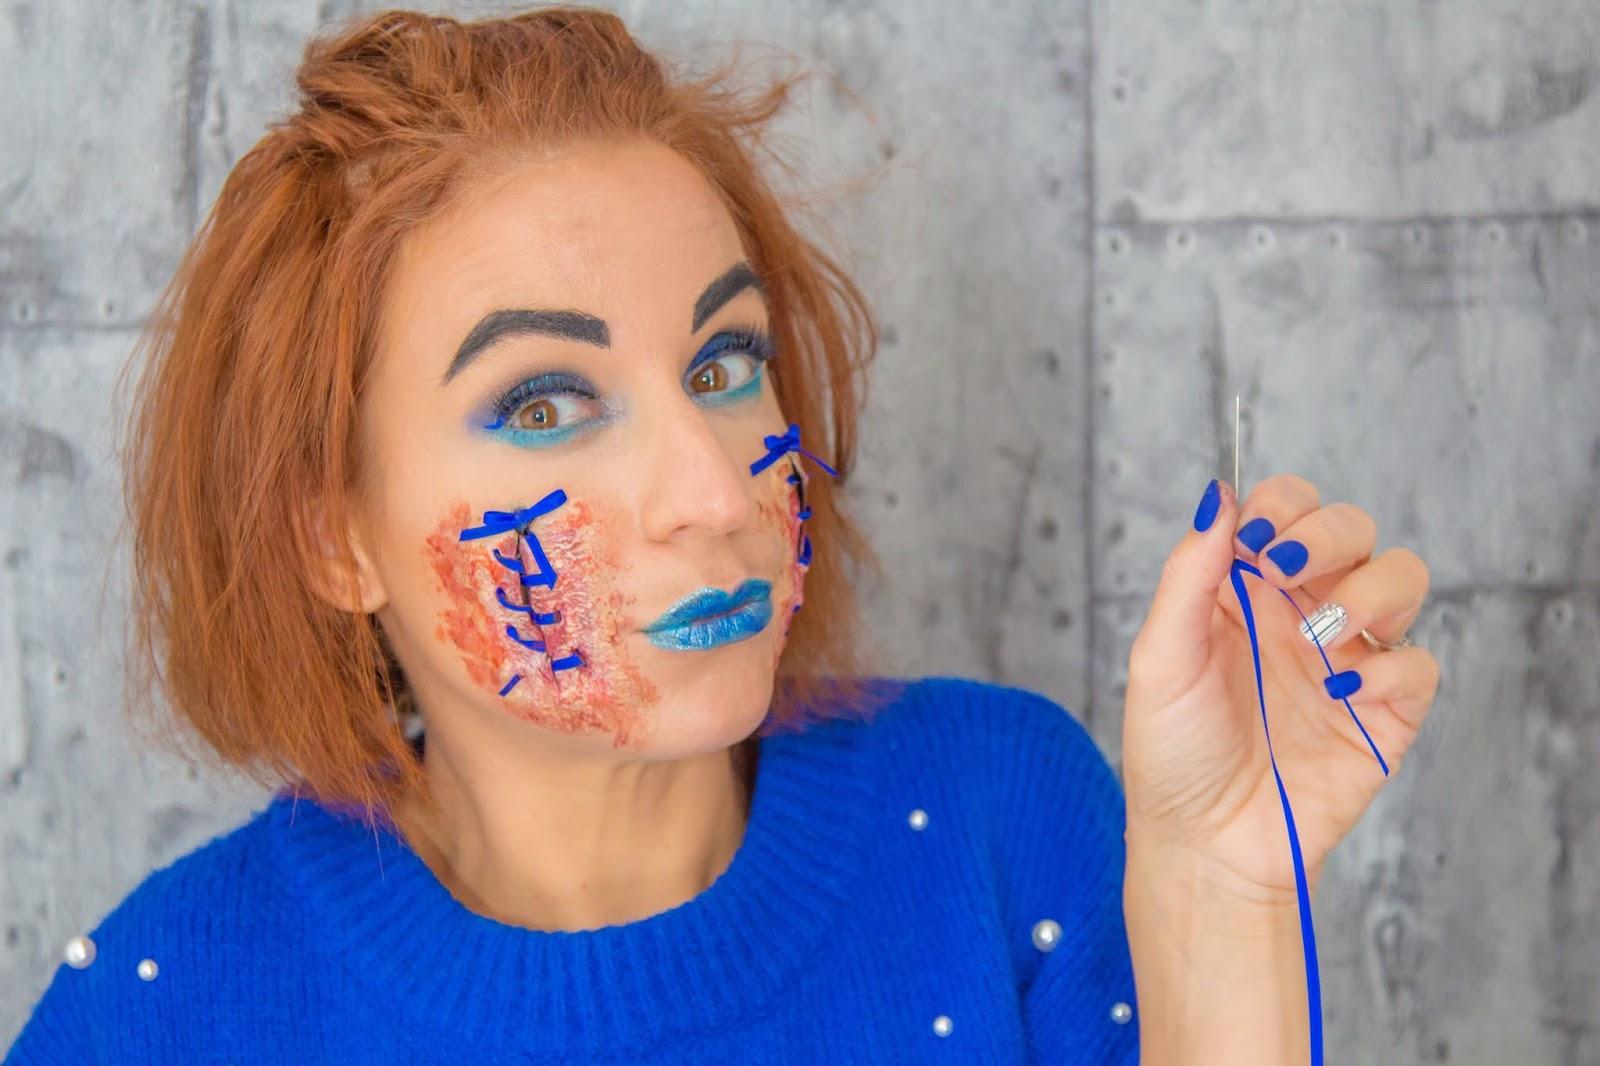 maquillage-artistique-halloween-sfx